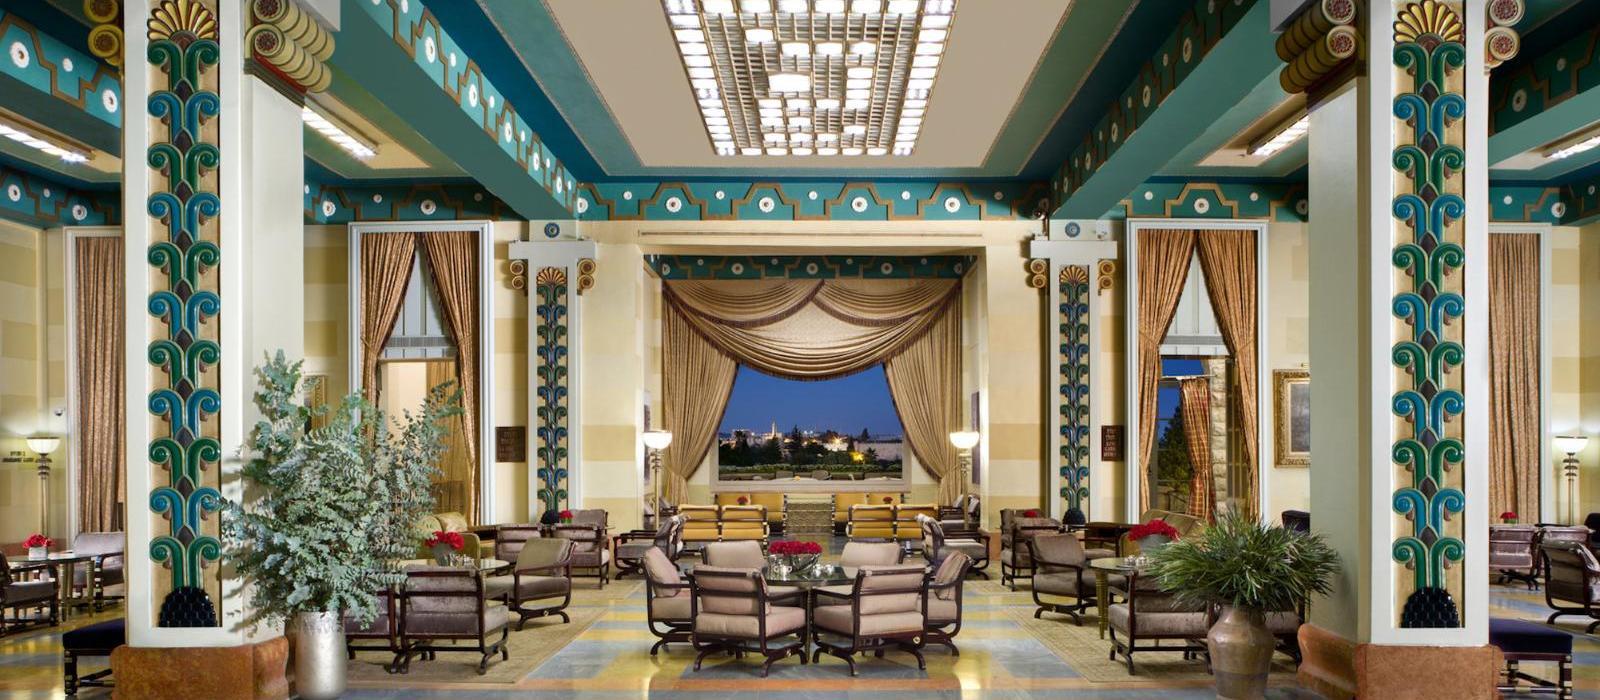 耶路撒冷大卫王豪华酒店(The King David) 图片  www.lhw.cn